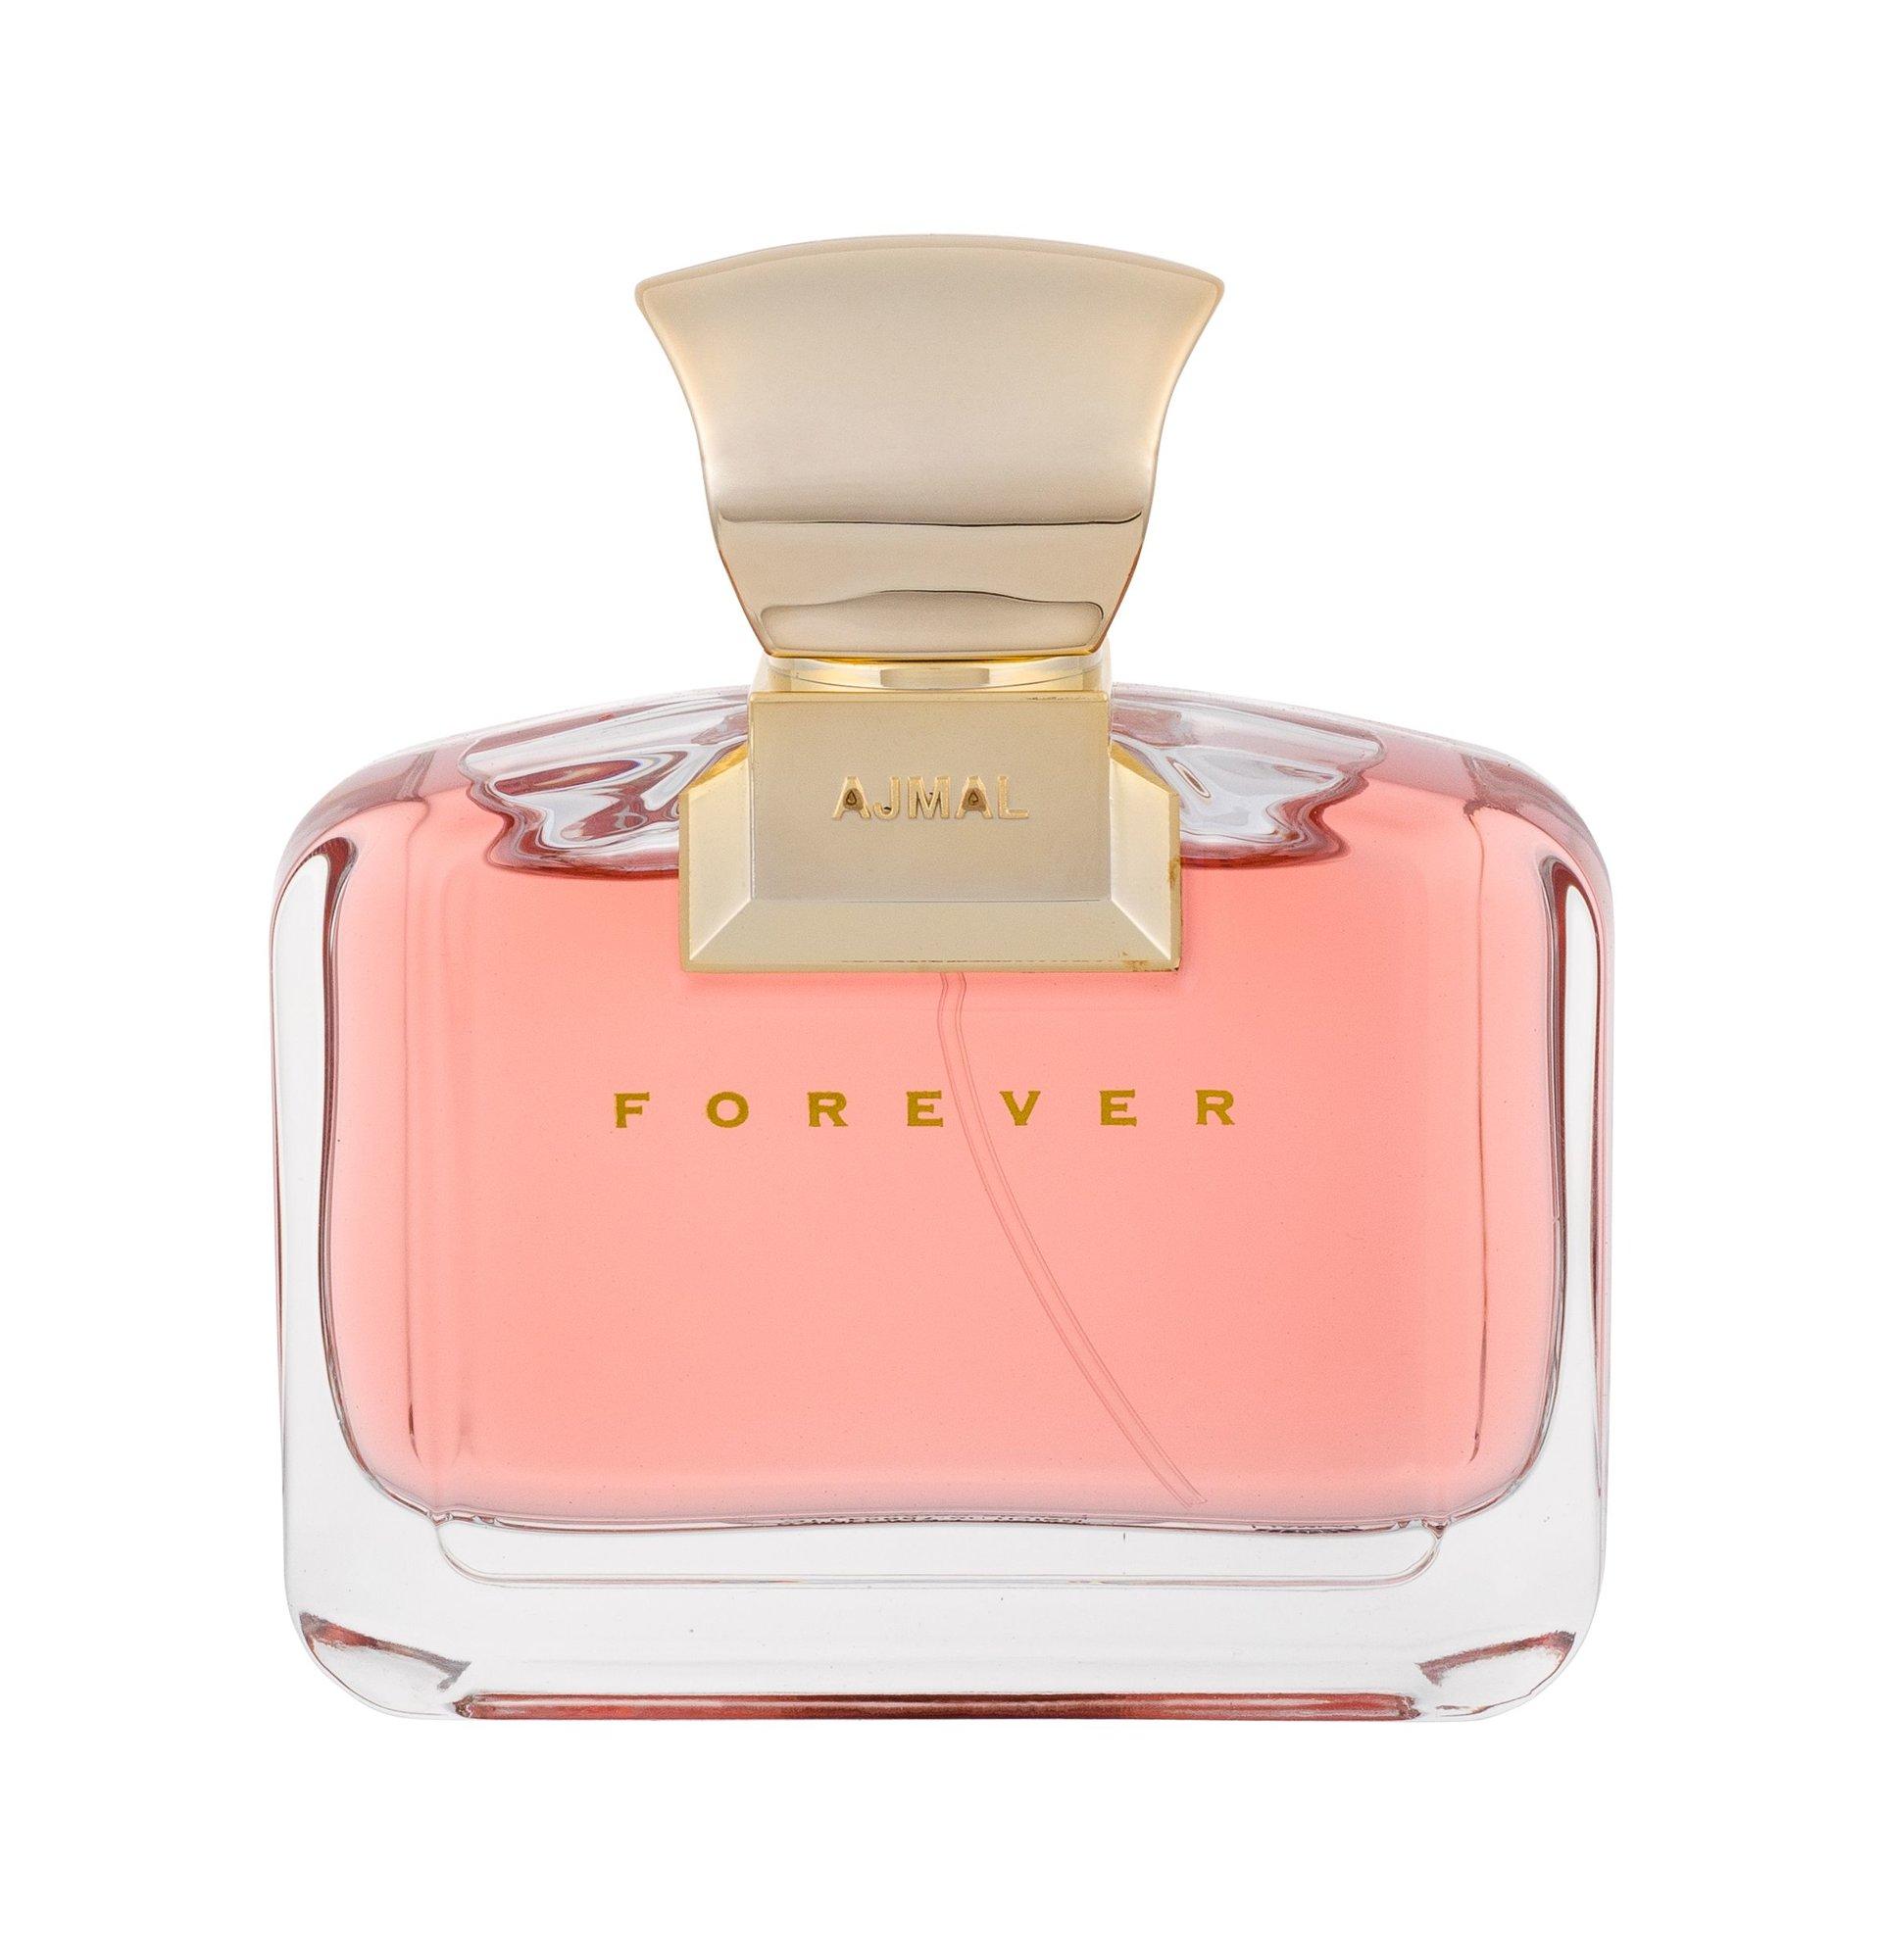 Ajmal Entice Forever Eau de Parfum 75ml